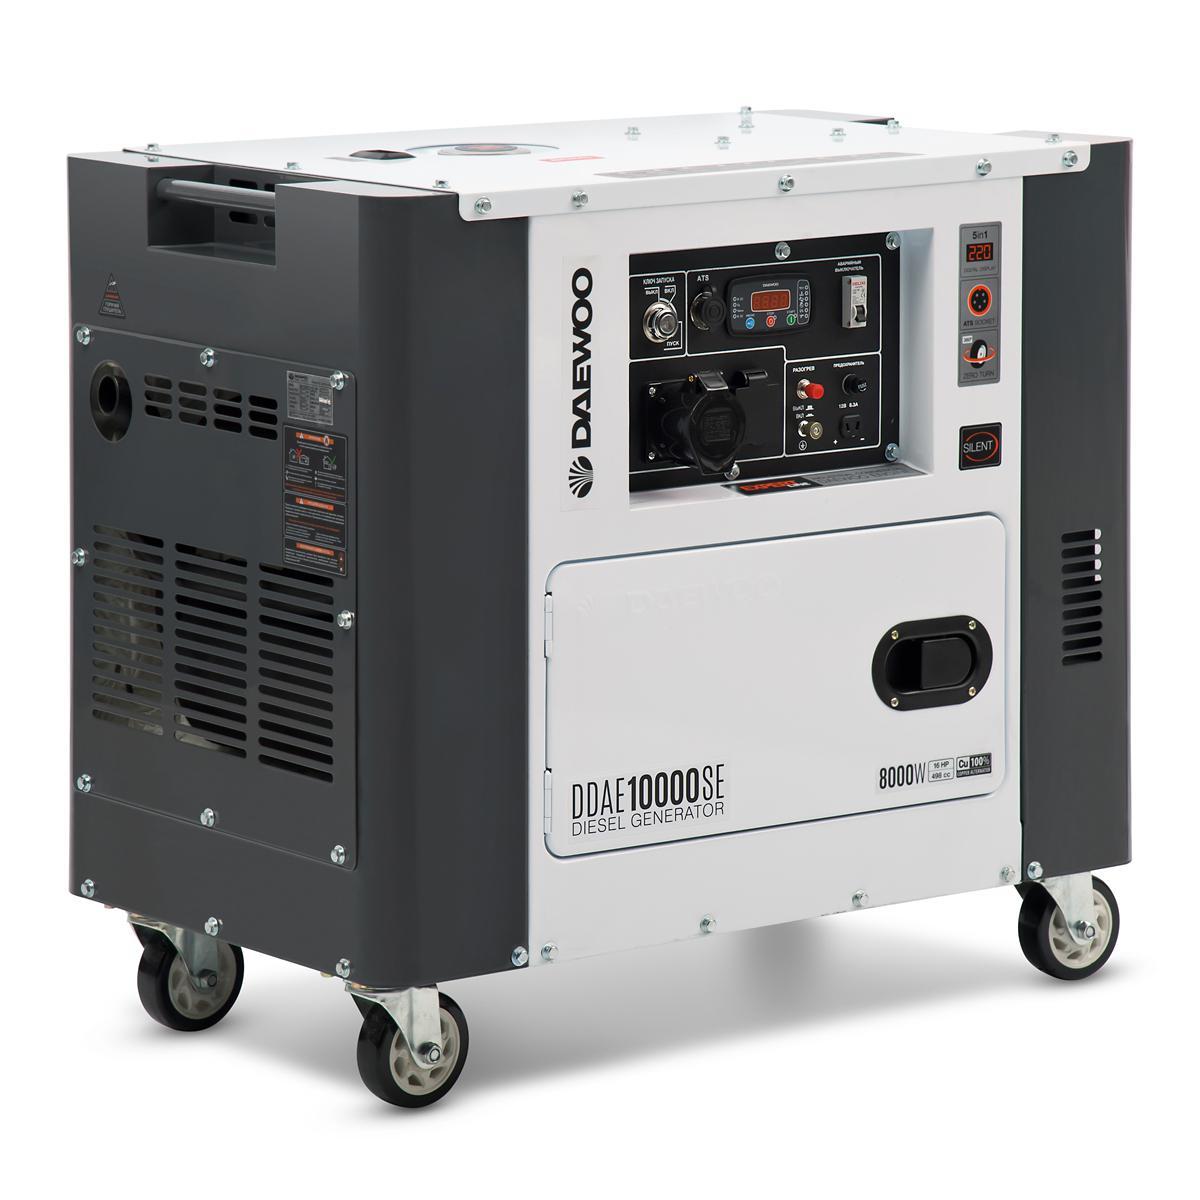 Генератор Daewoo Ddae10000se купить газовые амортизаторы на daewoo espero в ростове